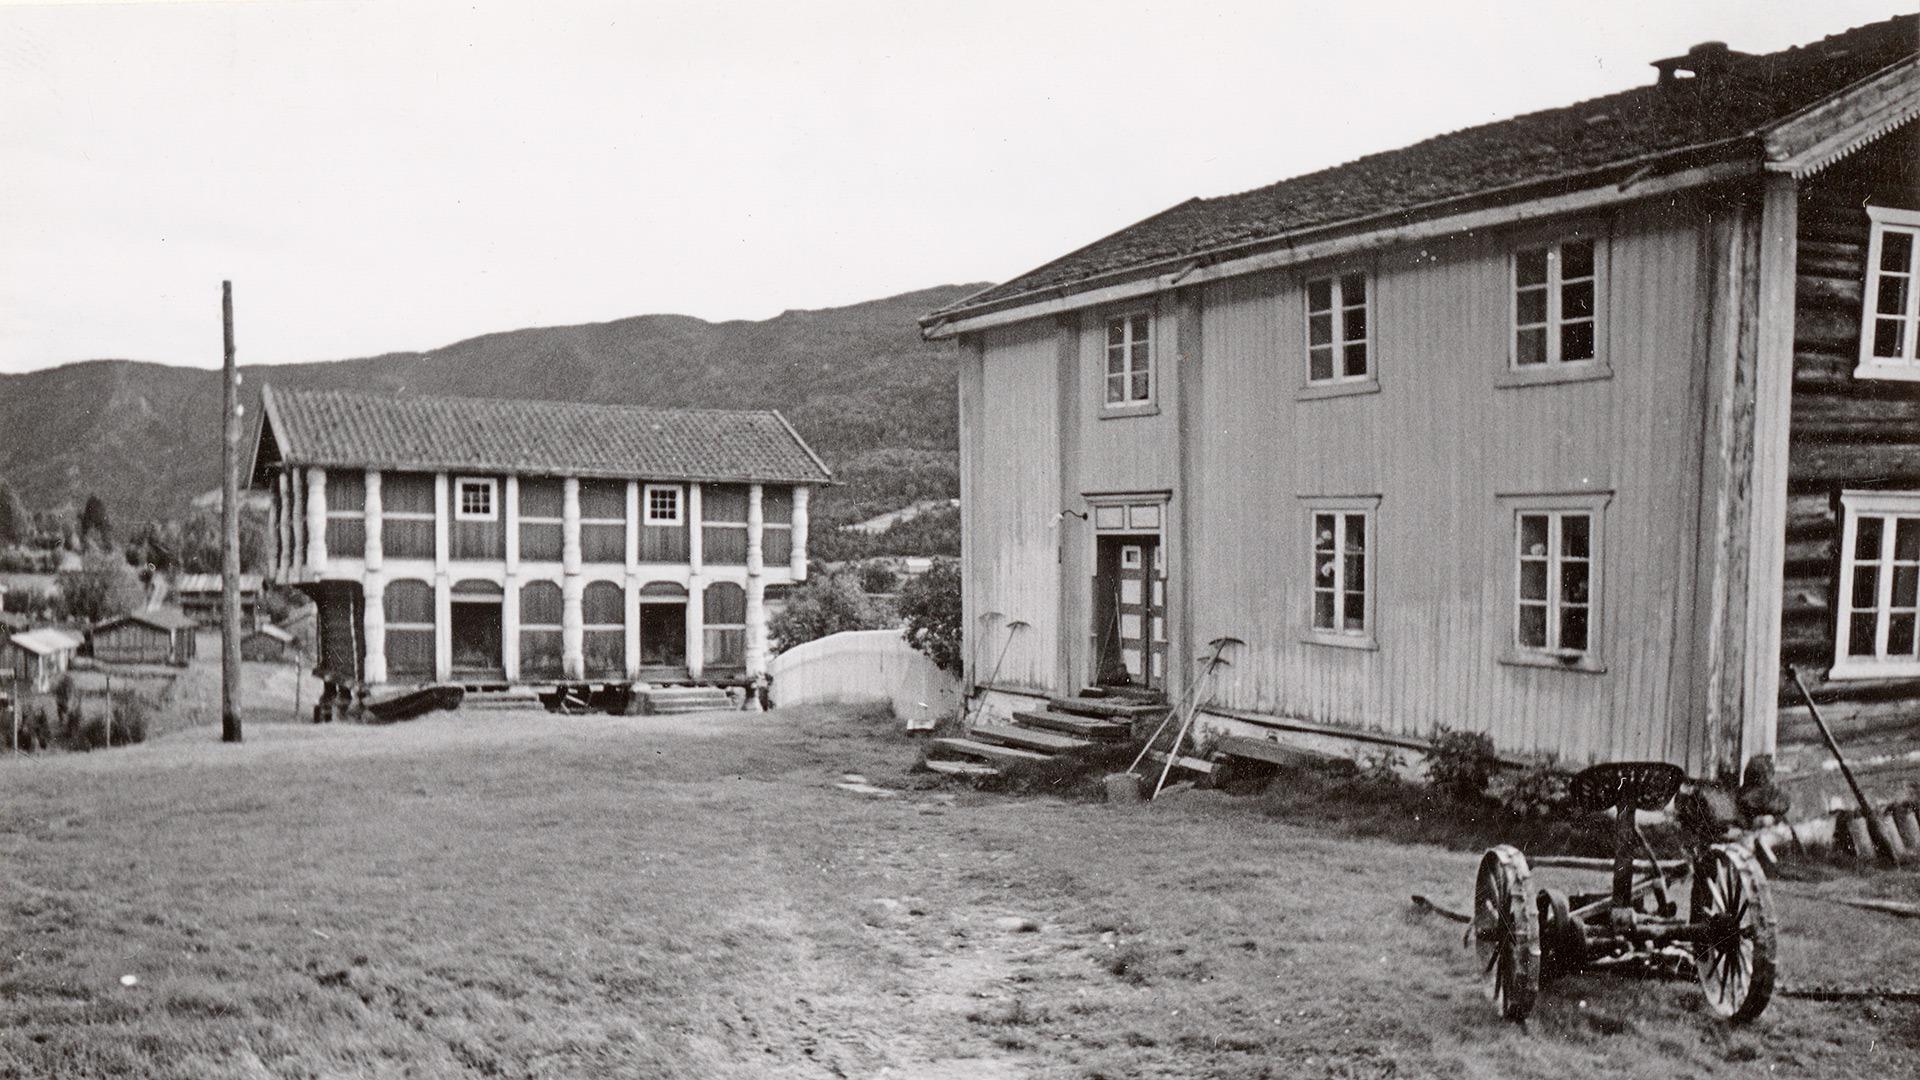 Kravik Mellom i første halvdel av 1900-tallet. Foto: Halvor Vreim (1895-1966) Riksantikvaren